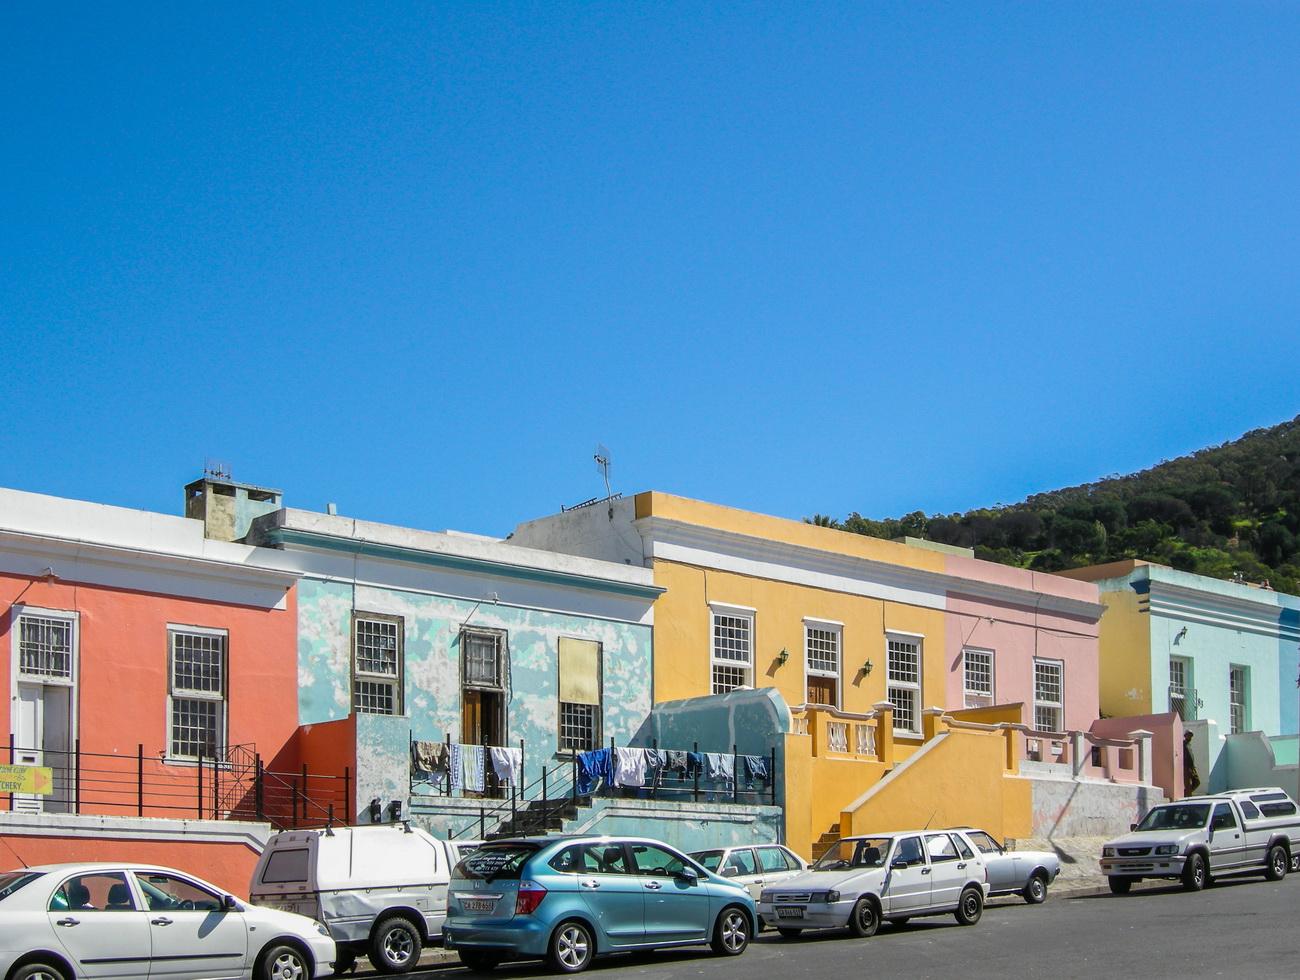 die farbenprächtigen Häuser in der Bo-Kapp, Kapstadt Südafrika